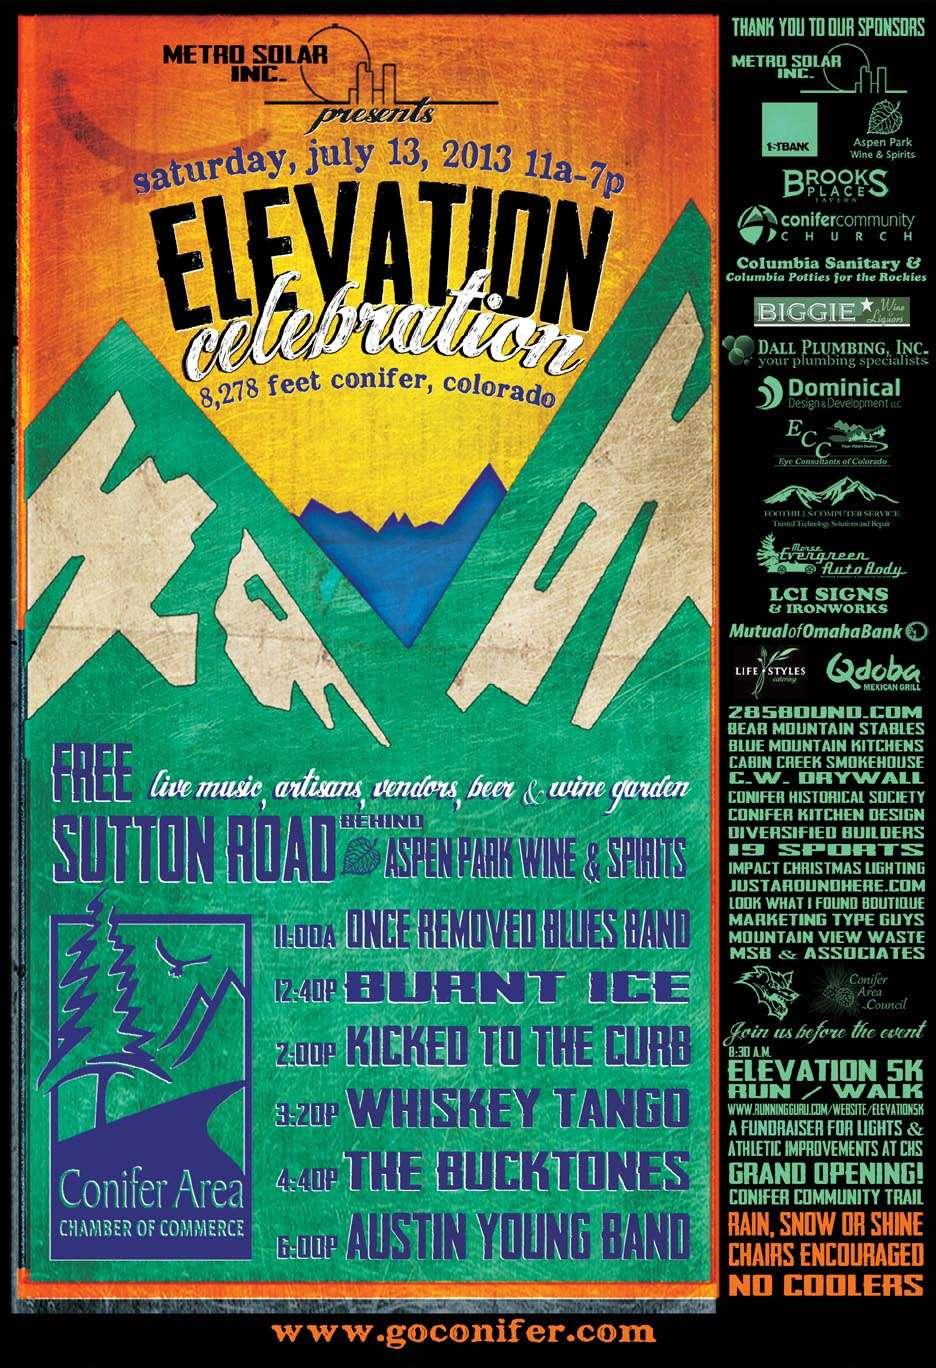 Elevation Celebration Poster